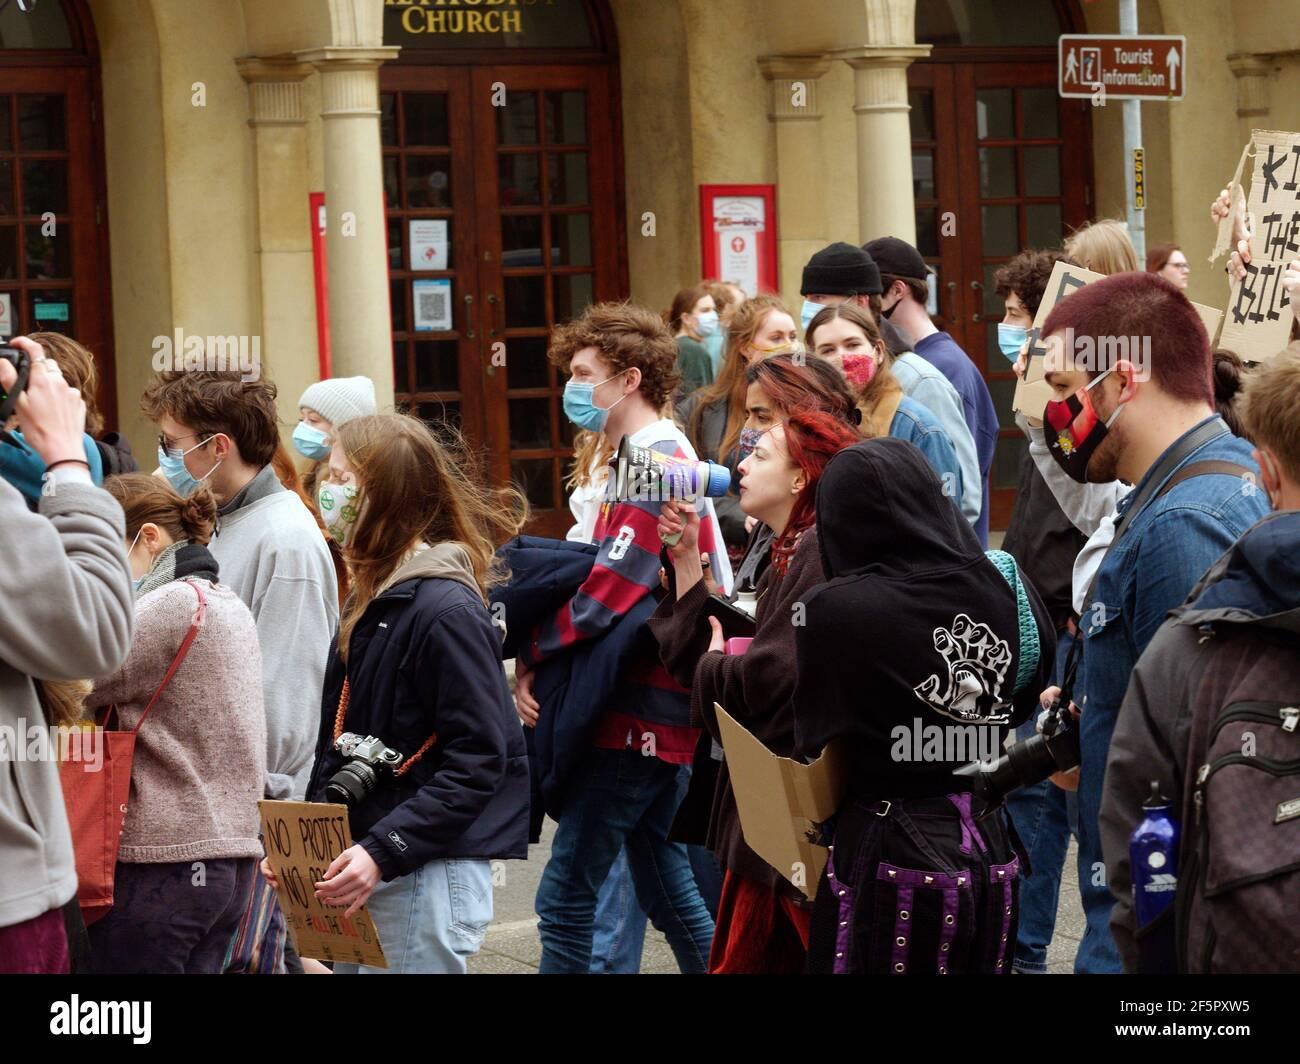 Una manifestación de matar el proyecto de ley y una marcha en la que participan varios cientos de manifestantes ocurre en la plaza Moor en Falmouth, después de que los oradores terminaran, una marcha de 1,5 millas por el centro de la ciudad hasta Discovery Quay tuvo lugar para más discursos. La protesta en violación de las reglas de Covid fue vigilada a distancia por agentes de Devon y Cornwall. El proyecto de ley sobre la policía, el crimen y la sentencia y los tribunales podría causar graves limitaciones a los manifestantes que se considera que están causando graves trastornos. Falmouth. Cornwall, Inglaterra, 27th de marzo de 2021, crédito: Robert Taylor/Alamy Live News Foto de stock